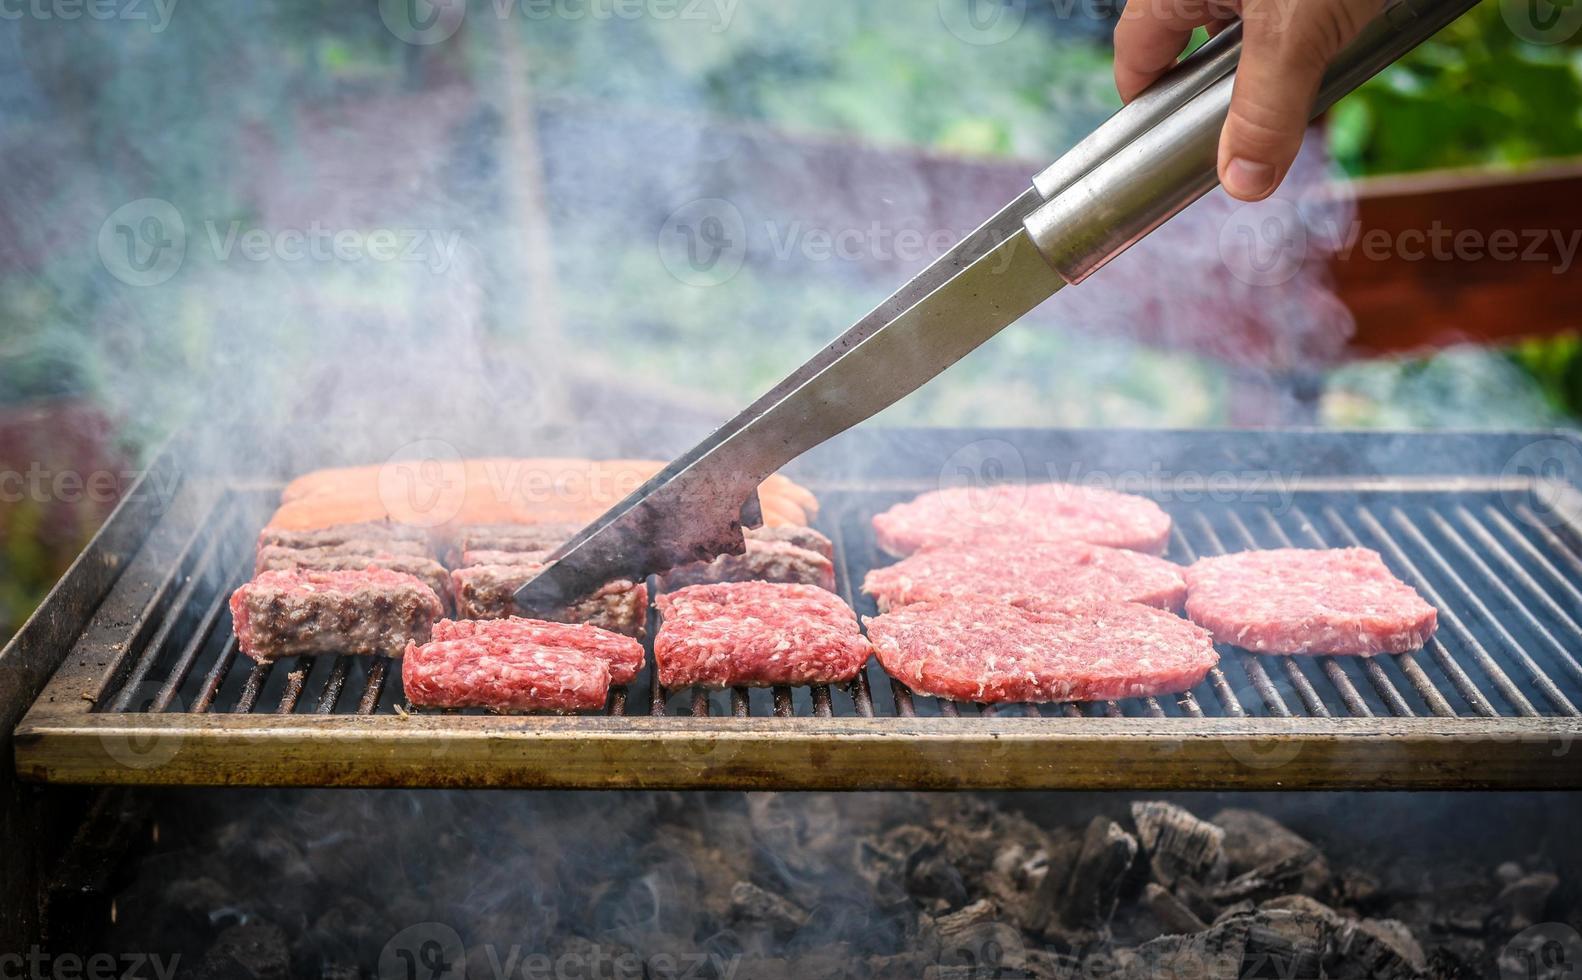 grillen van vlees op barbecue grill met kolen. foto